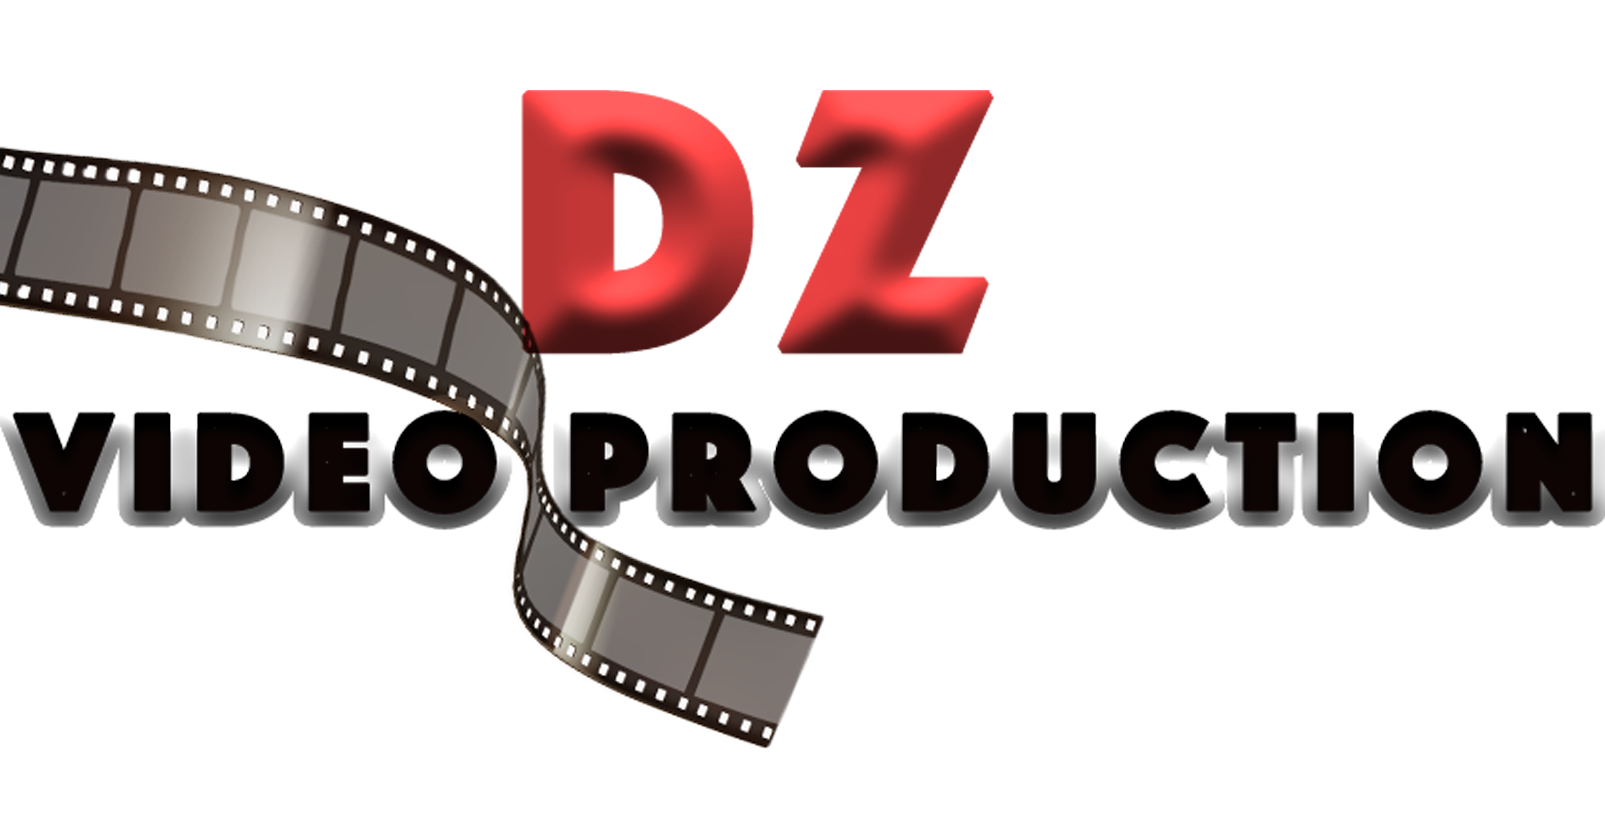 Dz video production